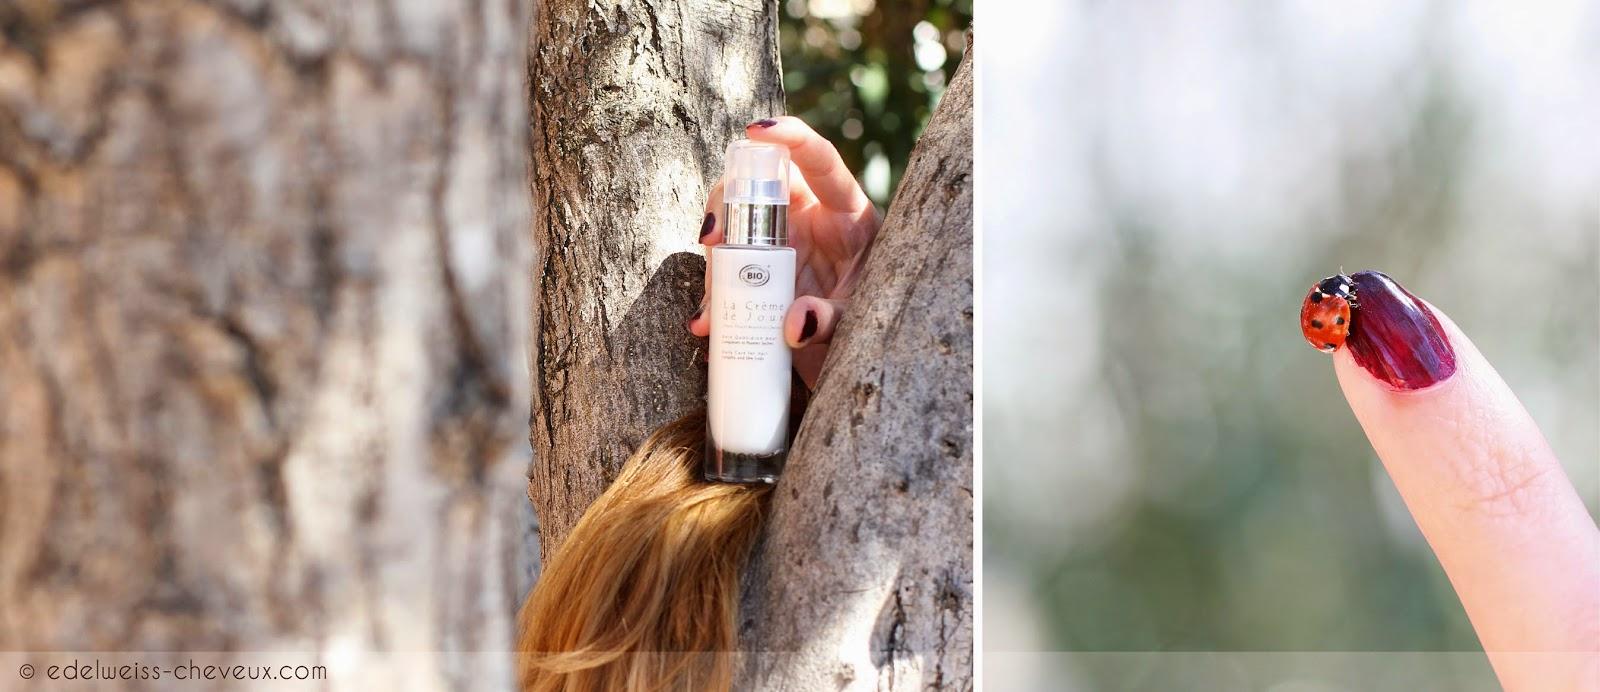 soin naturel 2 moss crème de jour cheveux naturels brillance